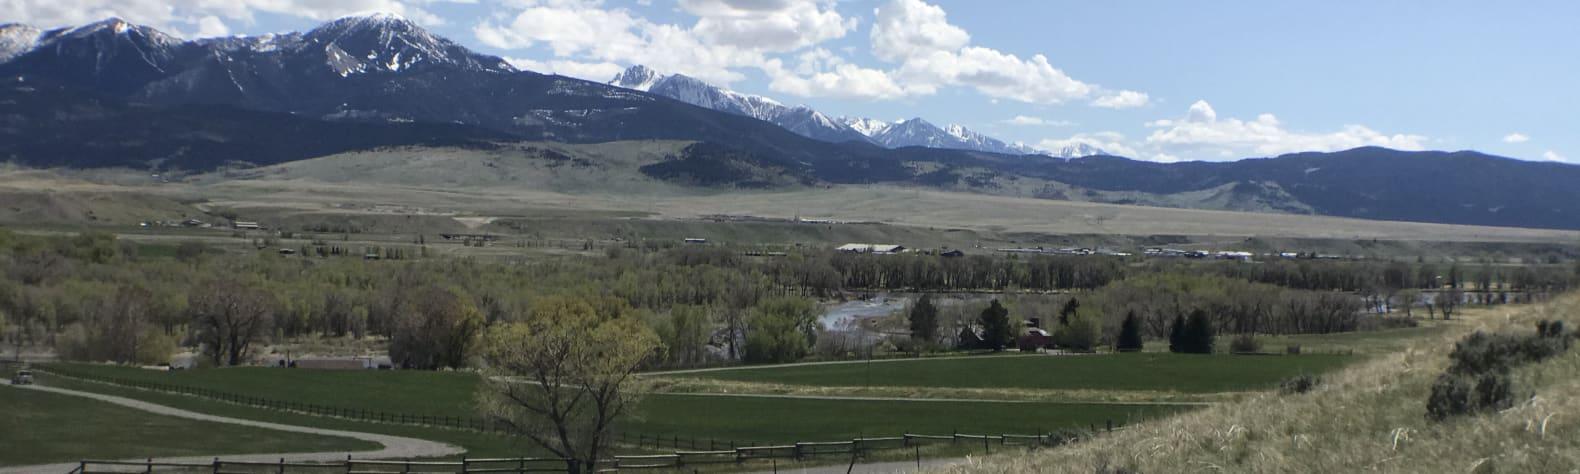 Quarts Ridge